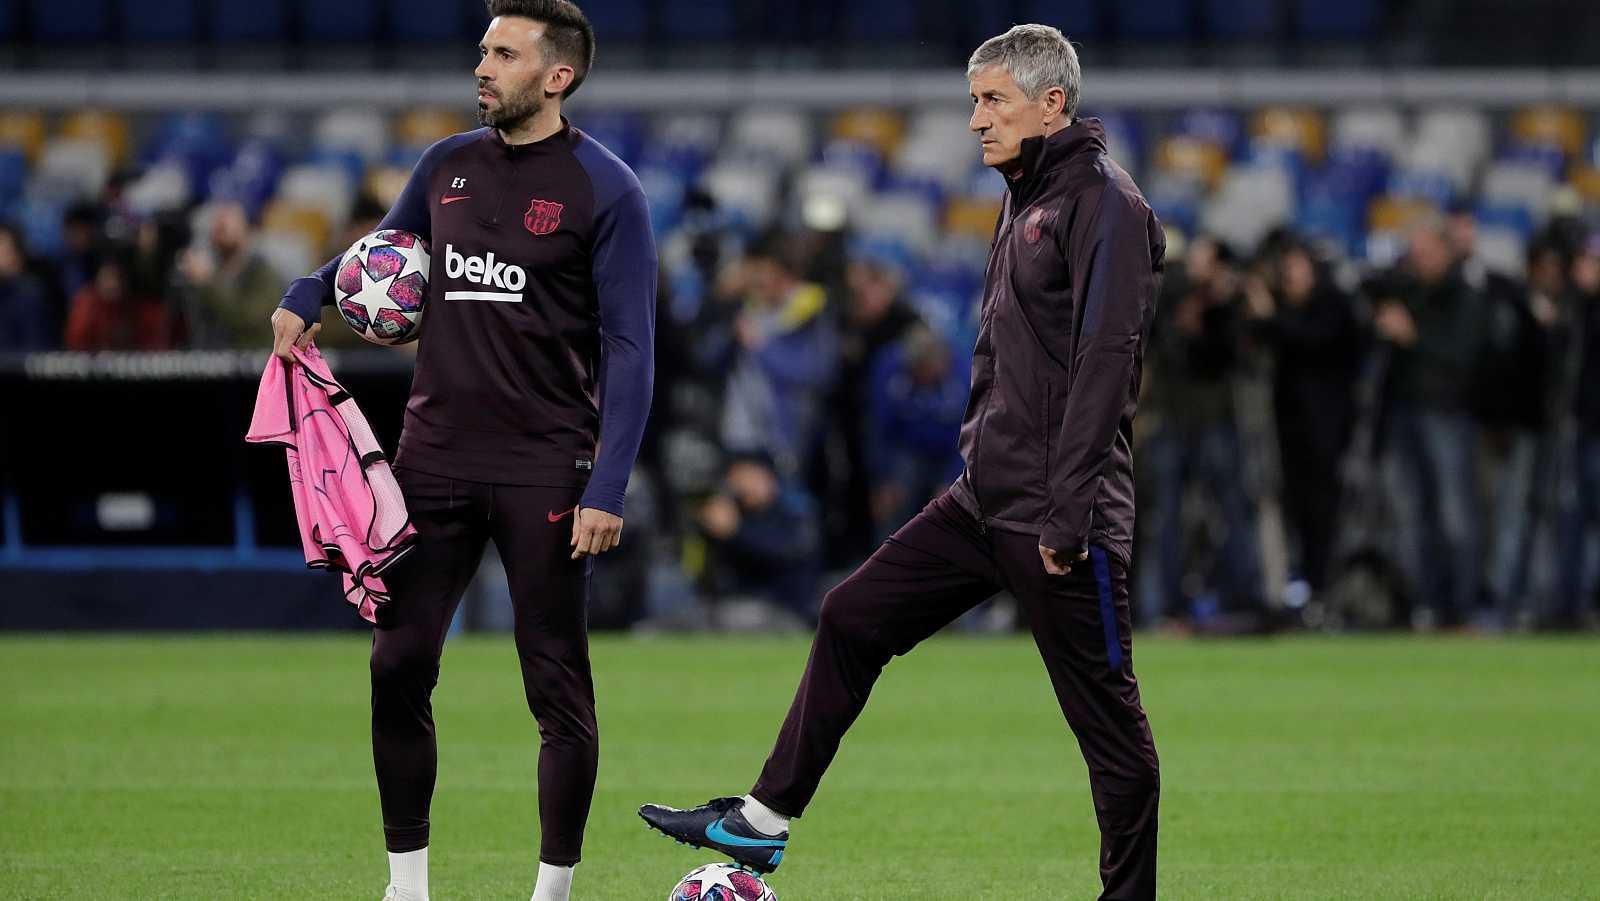 El Barça llega a Nápoles dispuesto a demostrar su mejoría